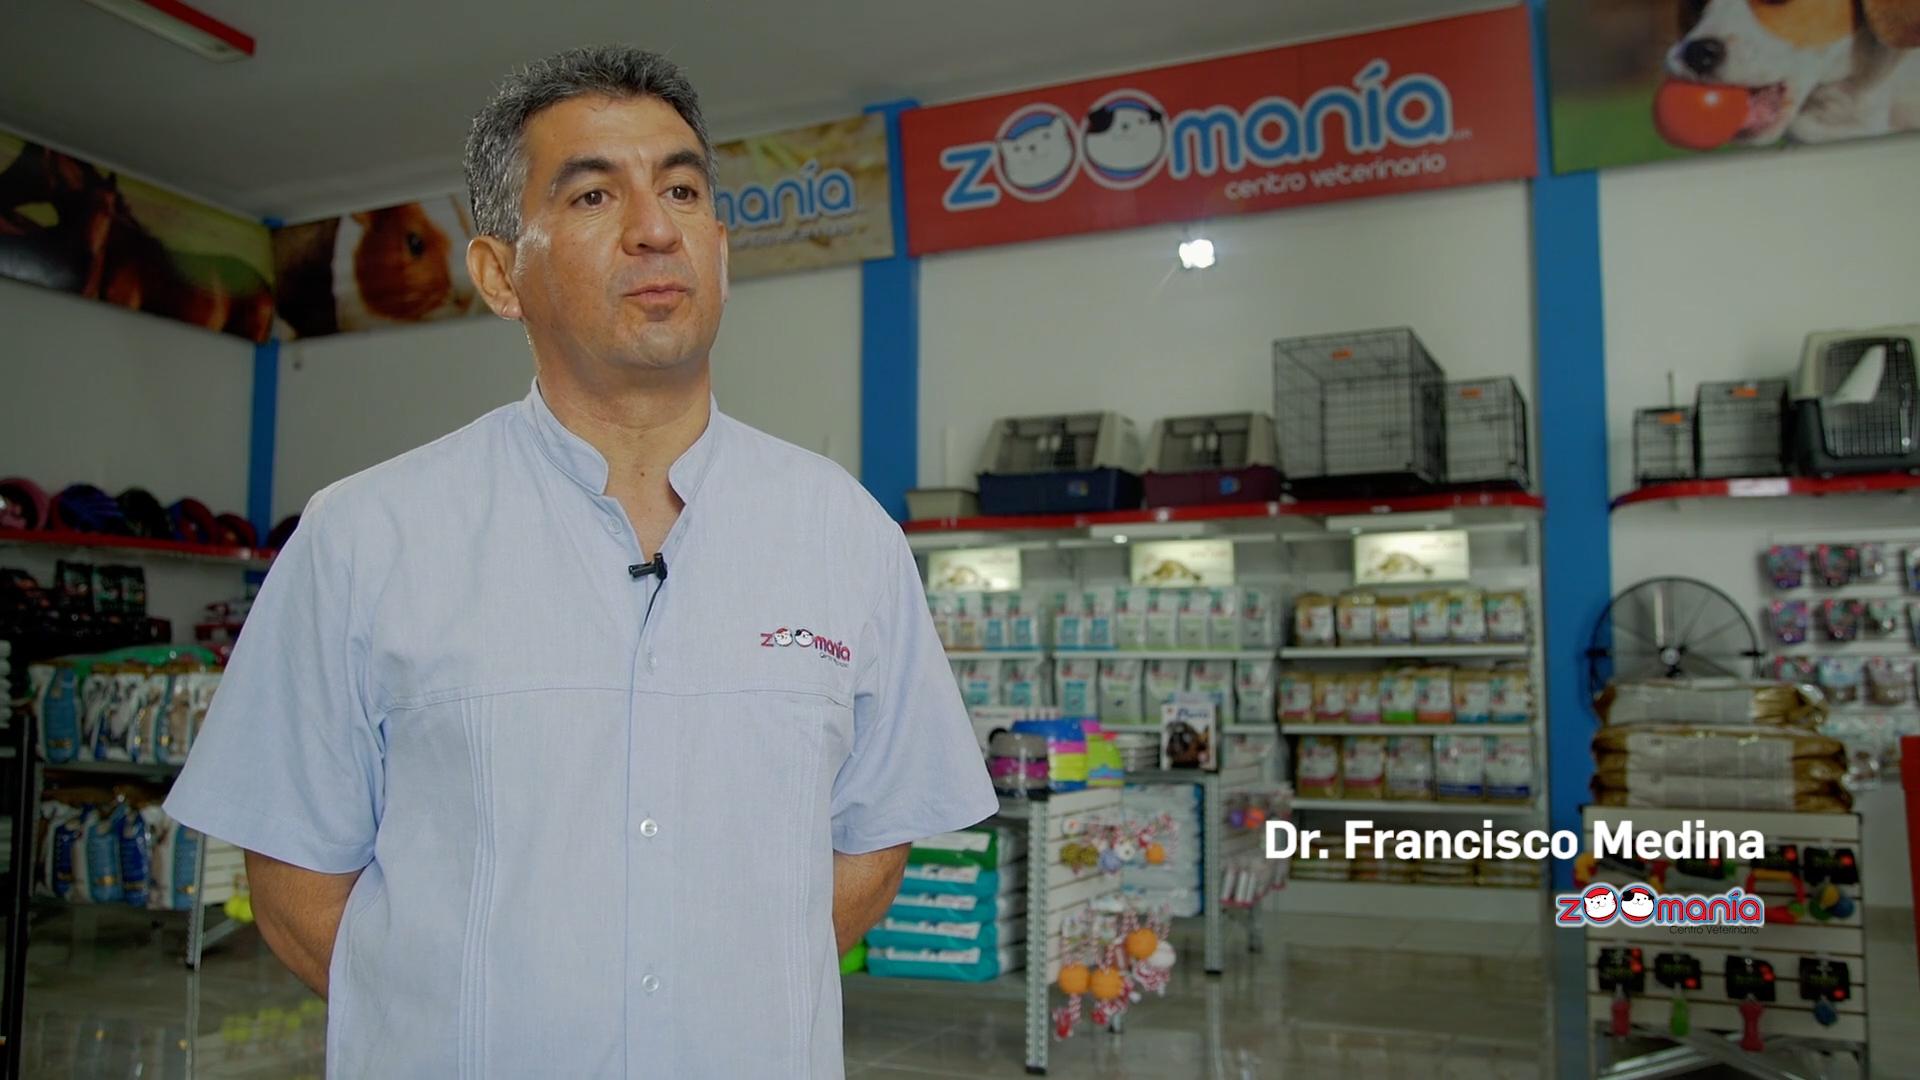 Dr. Medina